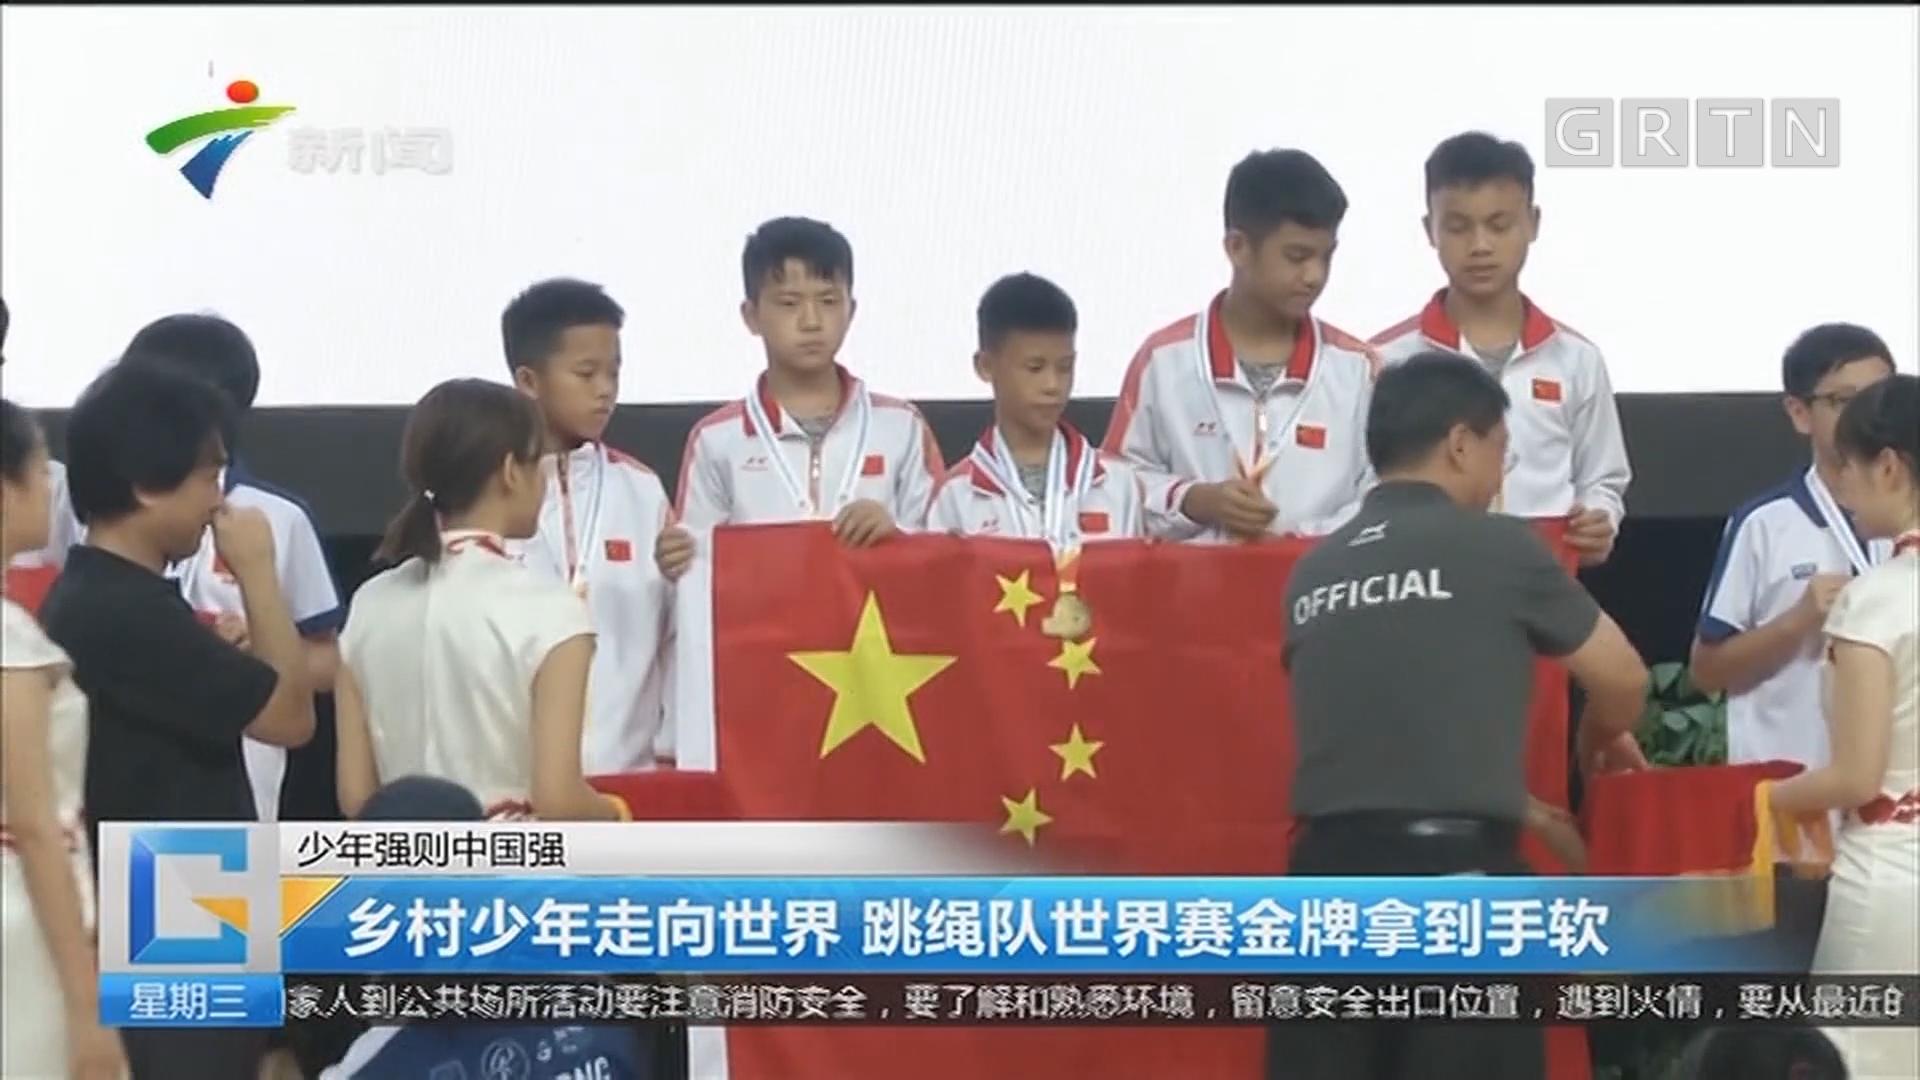 少年强则中国强:乡村少年走向世界 跳绳队世界赛金牌拿到手软